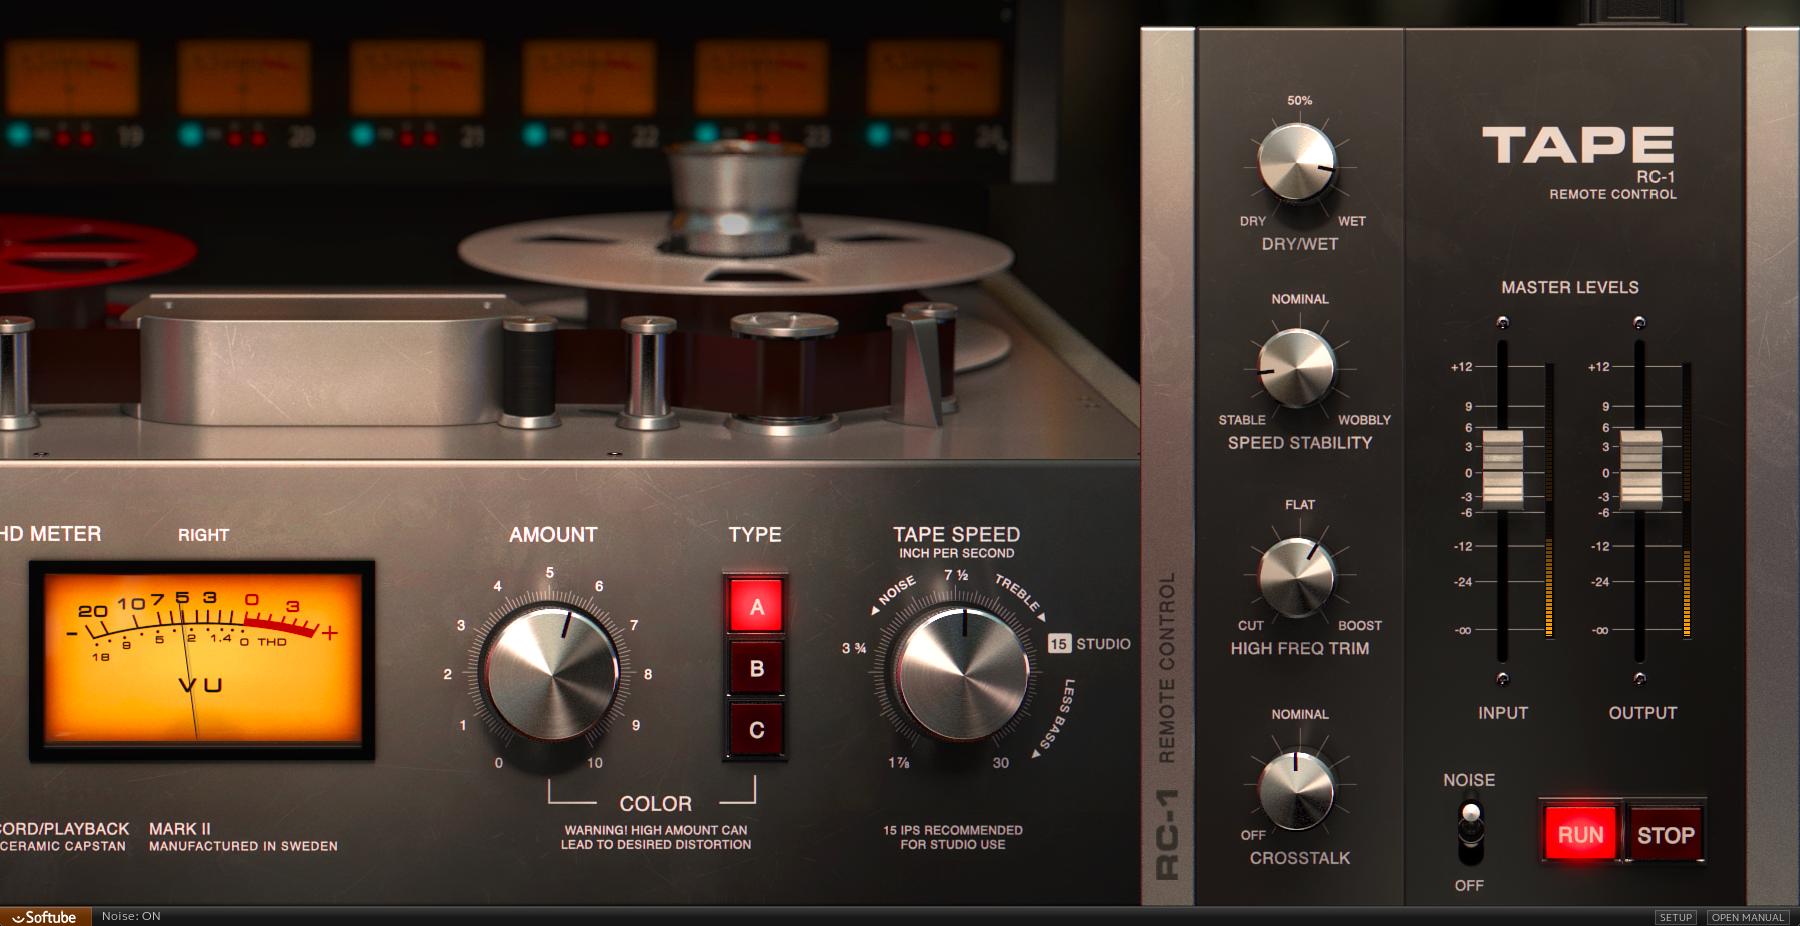 Tape et Model 72 en promo chez Softube